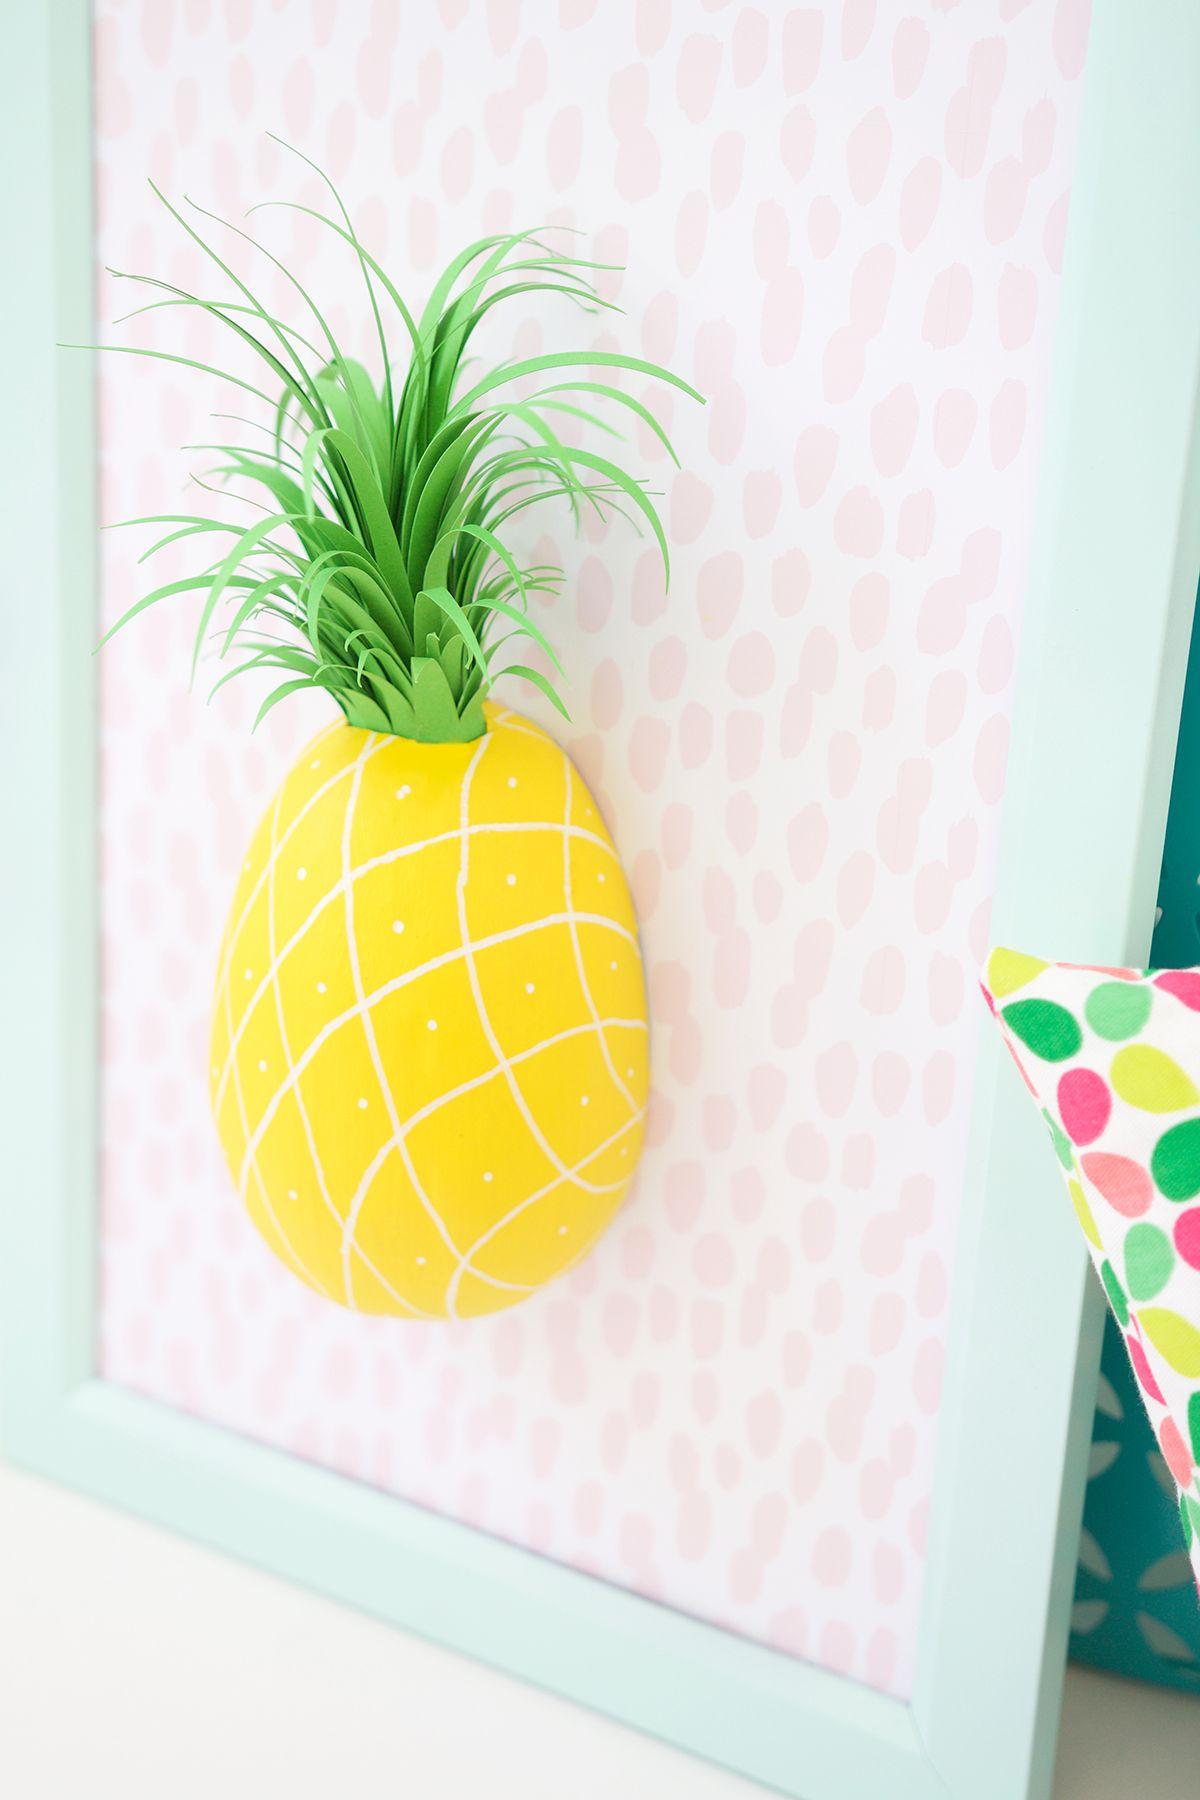 DIY Paper Mache Pineapple Wall Art | damask love | Pinterest | Paper ...